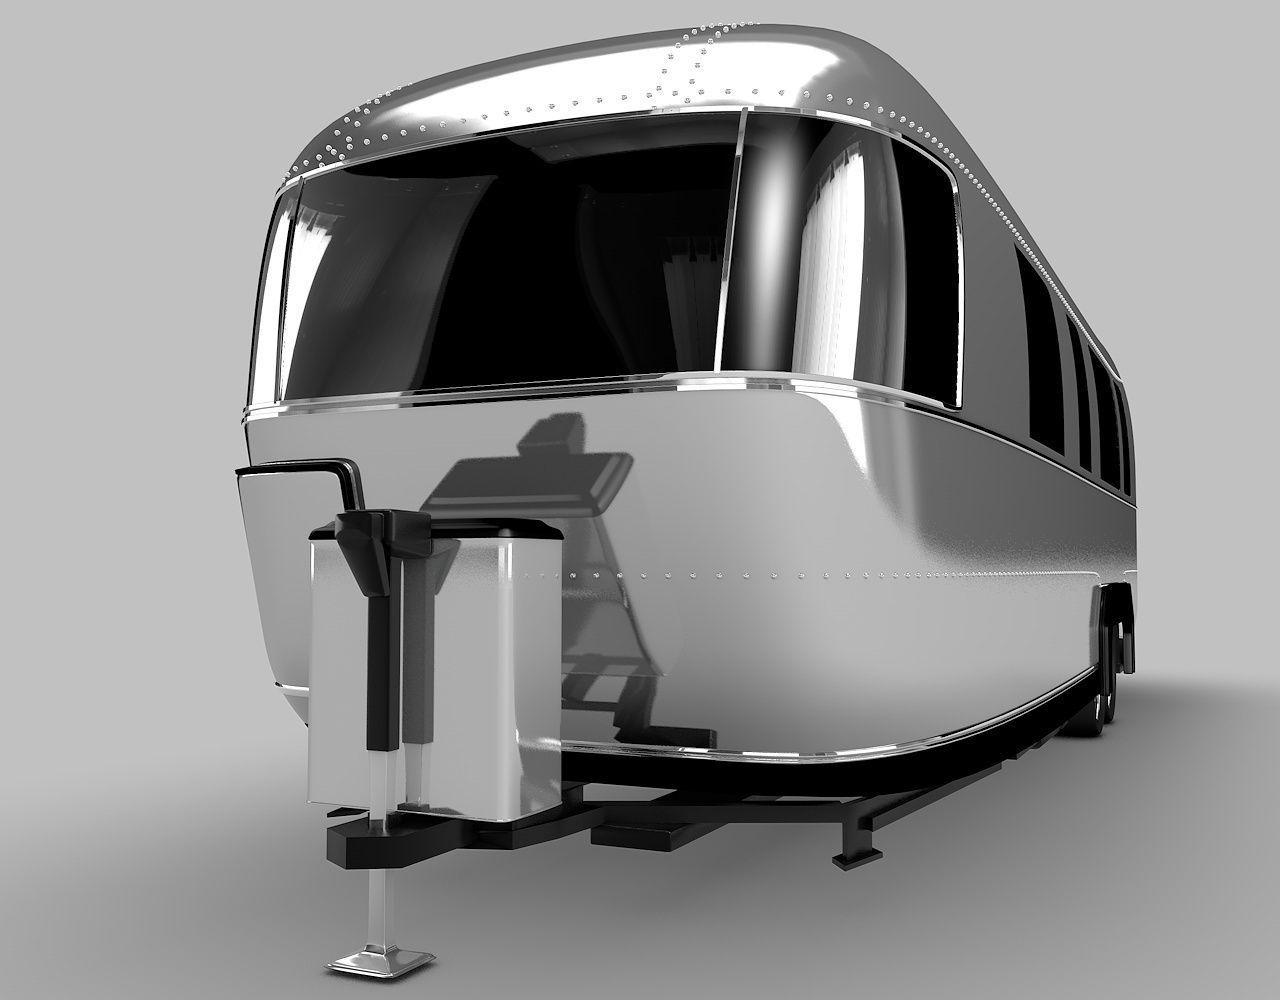 Airstream-Camper | 3D model